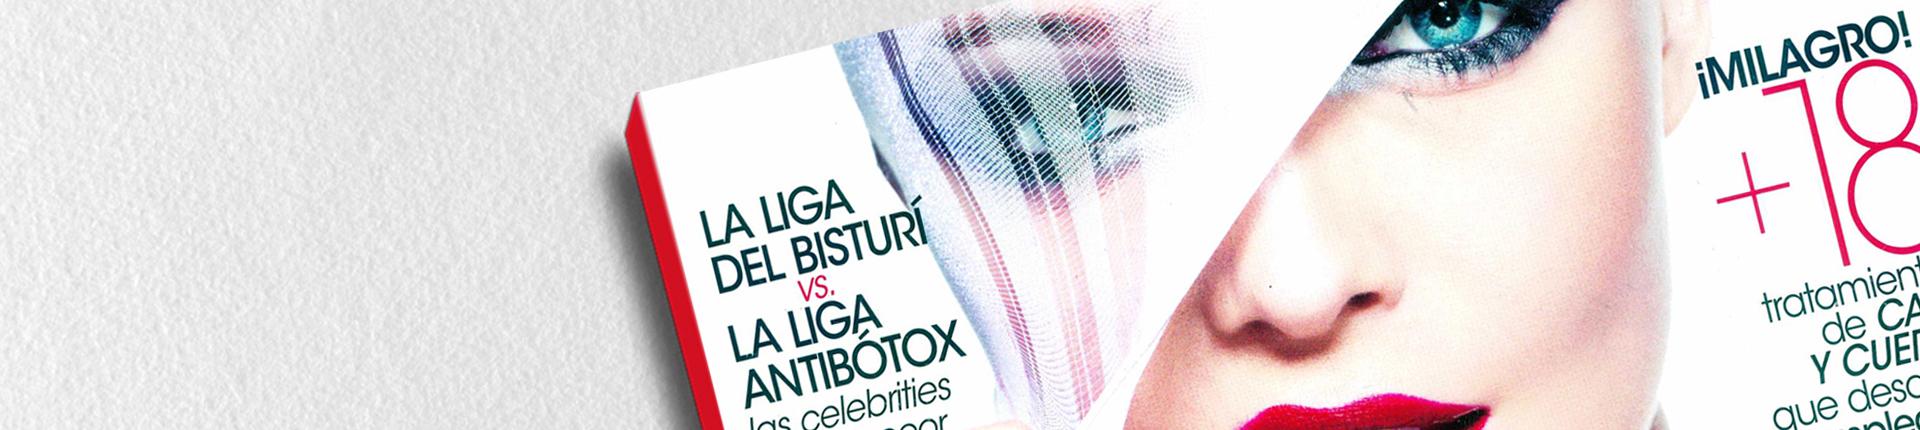 CURSO ADOBE INDESIGN BÁSICO - Artes Creativas